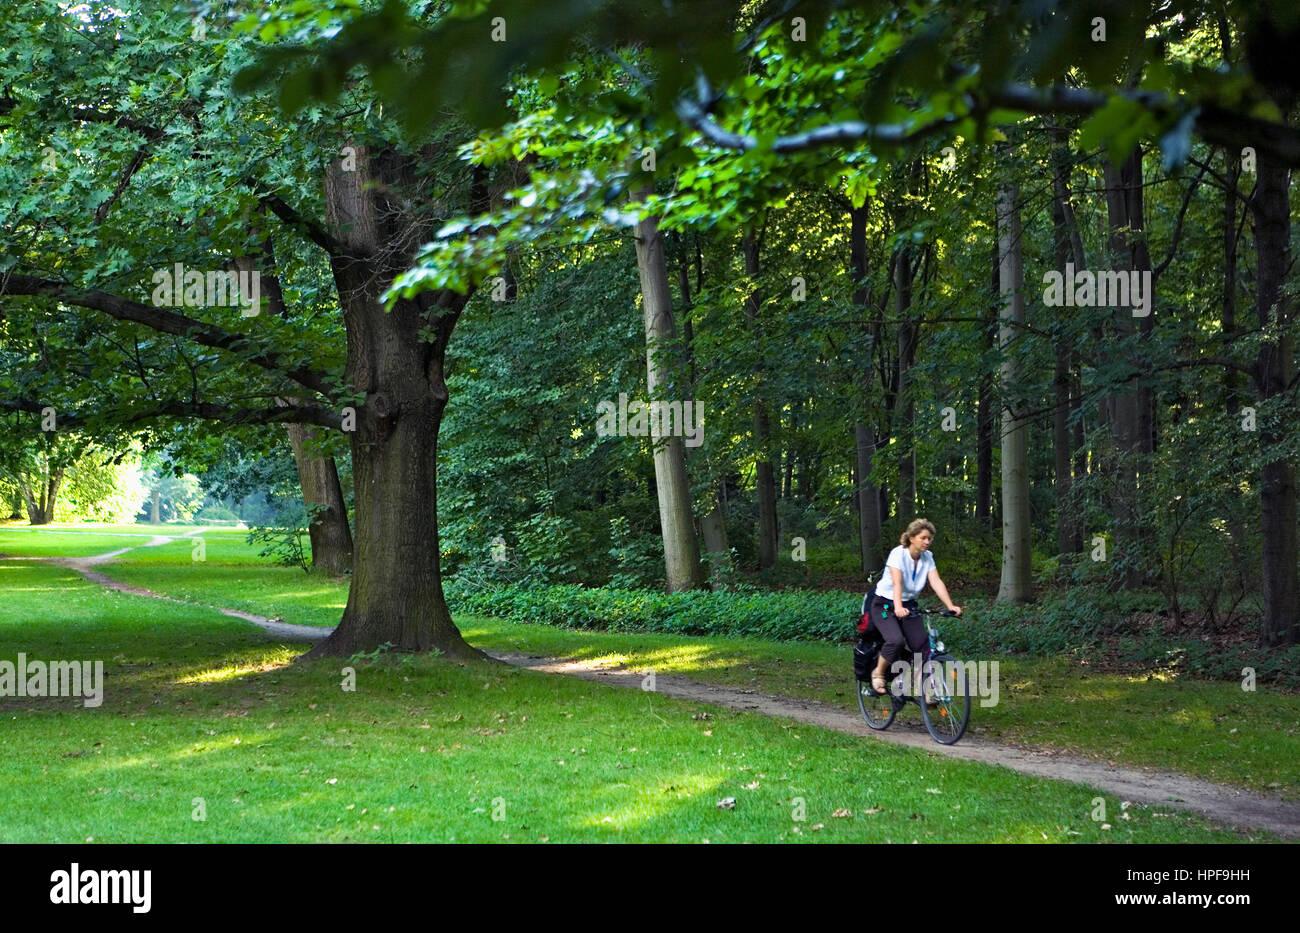 Tiergarten.Berlin. Germany Stock Photo